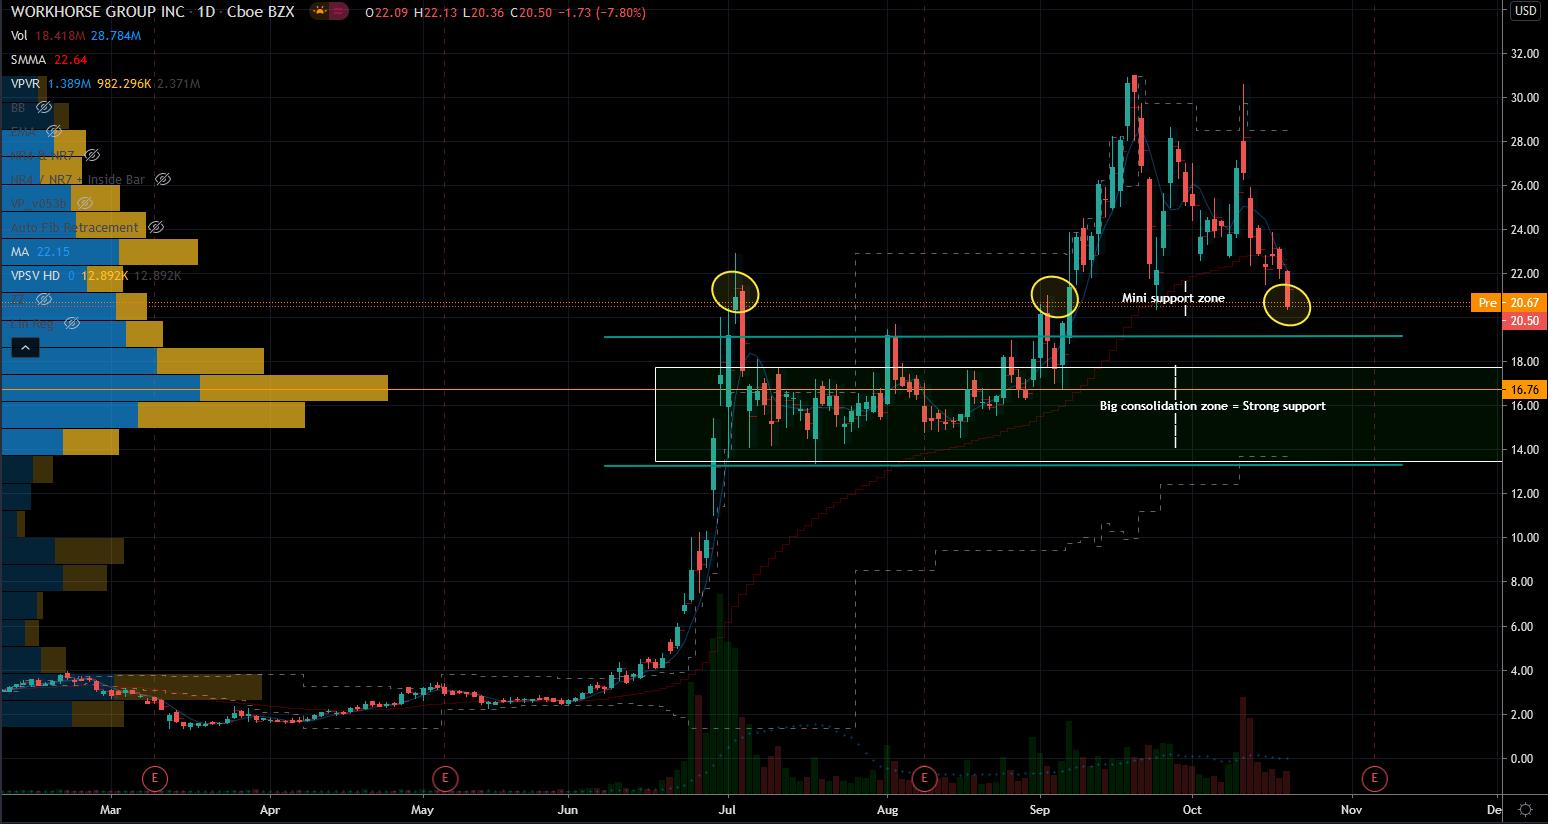 Workhorse (WKHS) Stock Chart Showing Pivot Zone